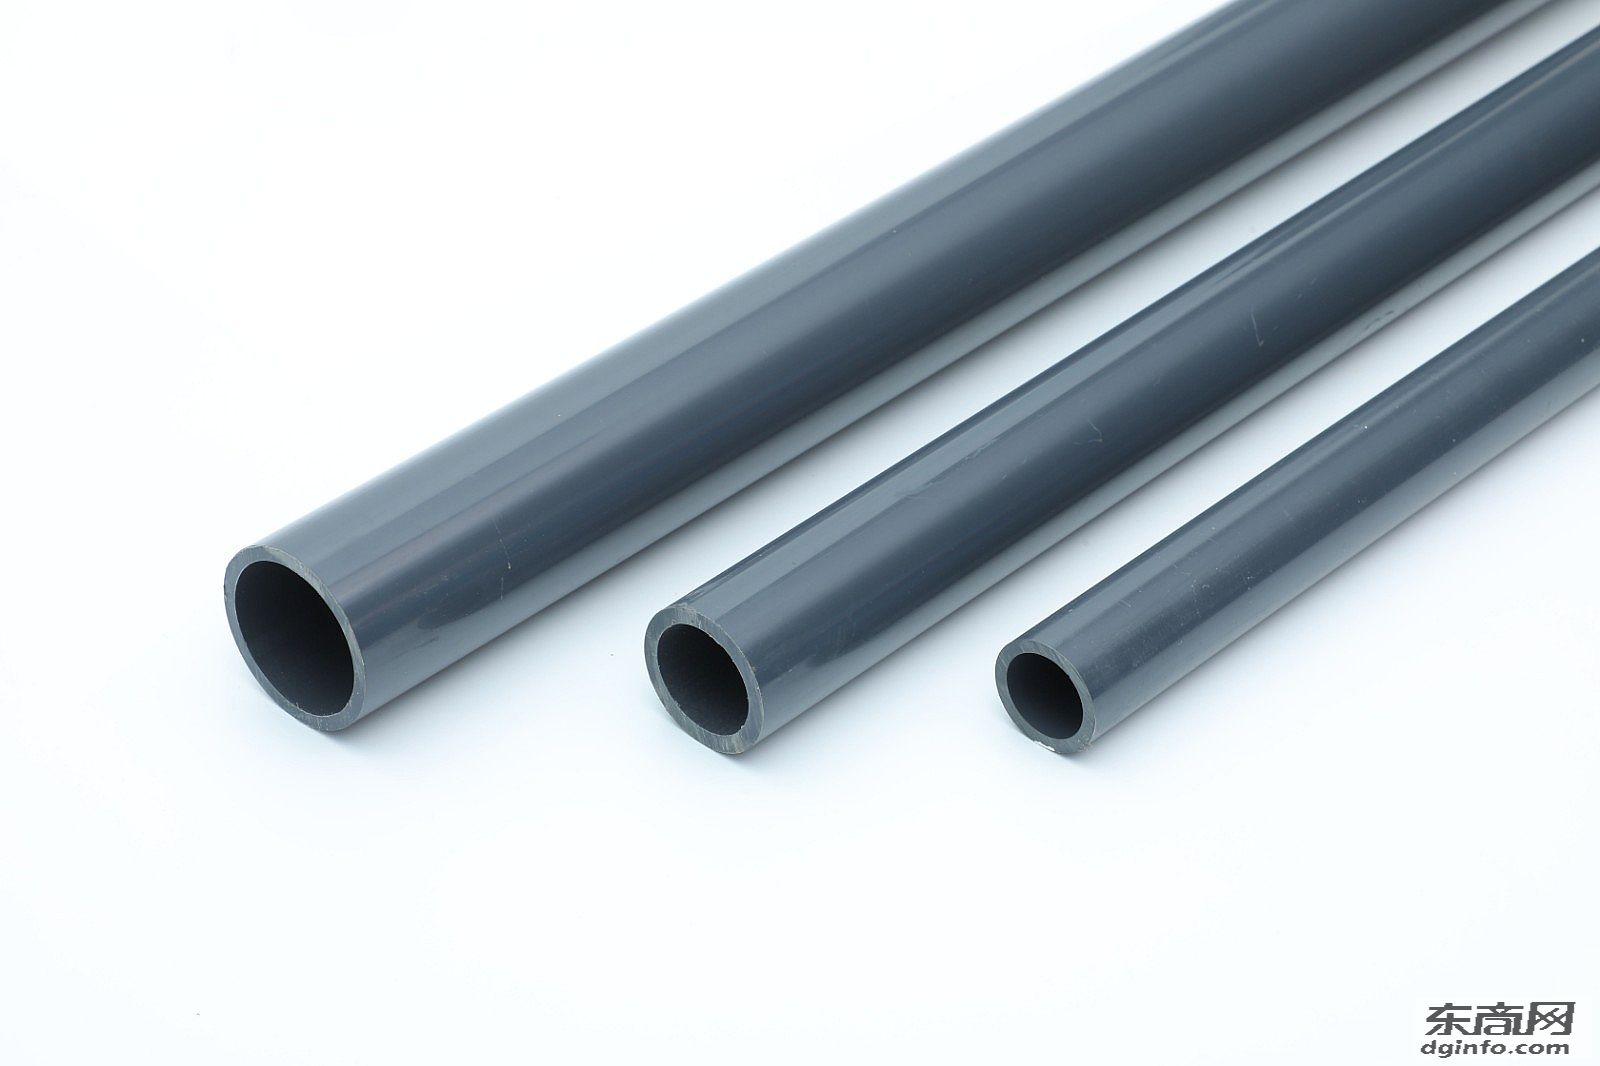 英制管武峰塑料PVCU给水管灰色22mm化工管